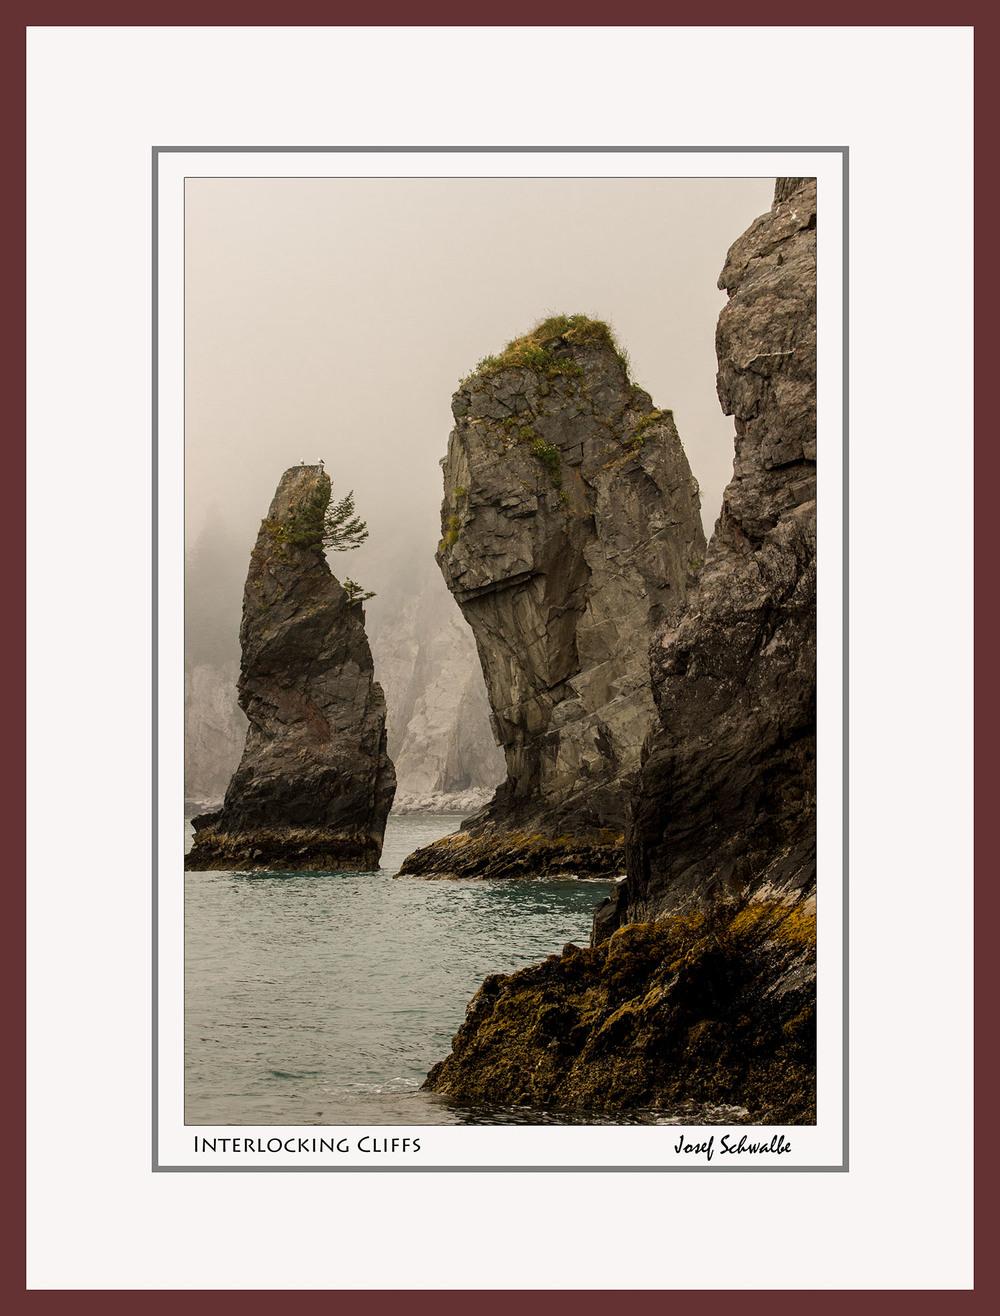 Interlocking Cliffs